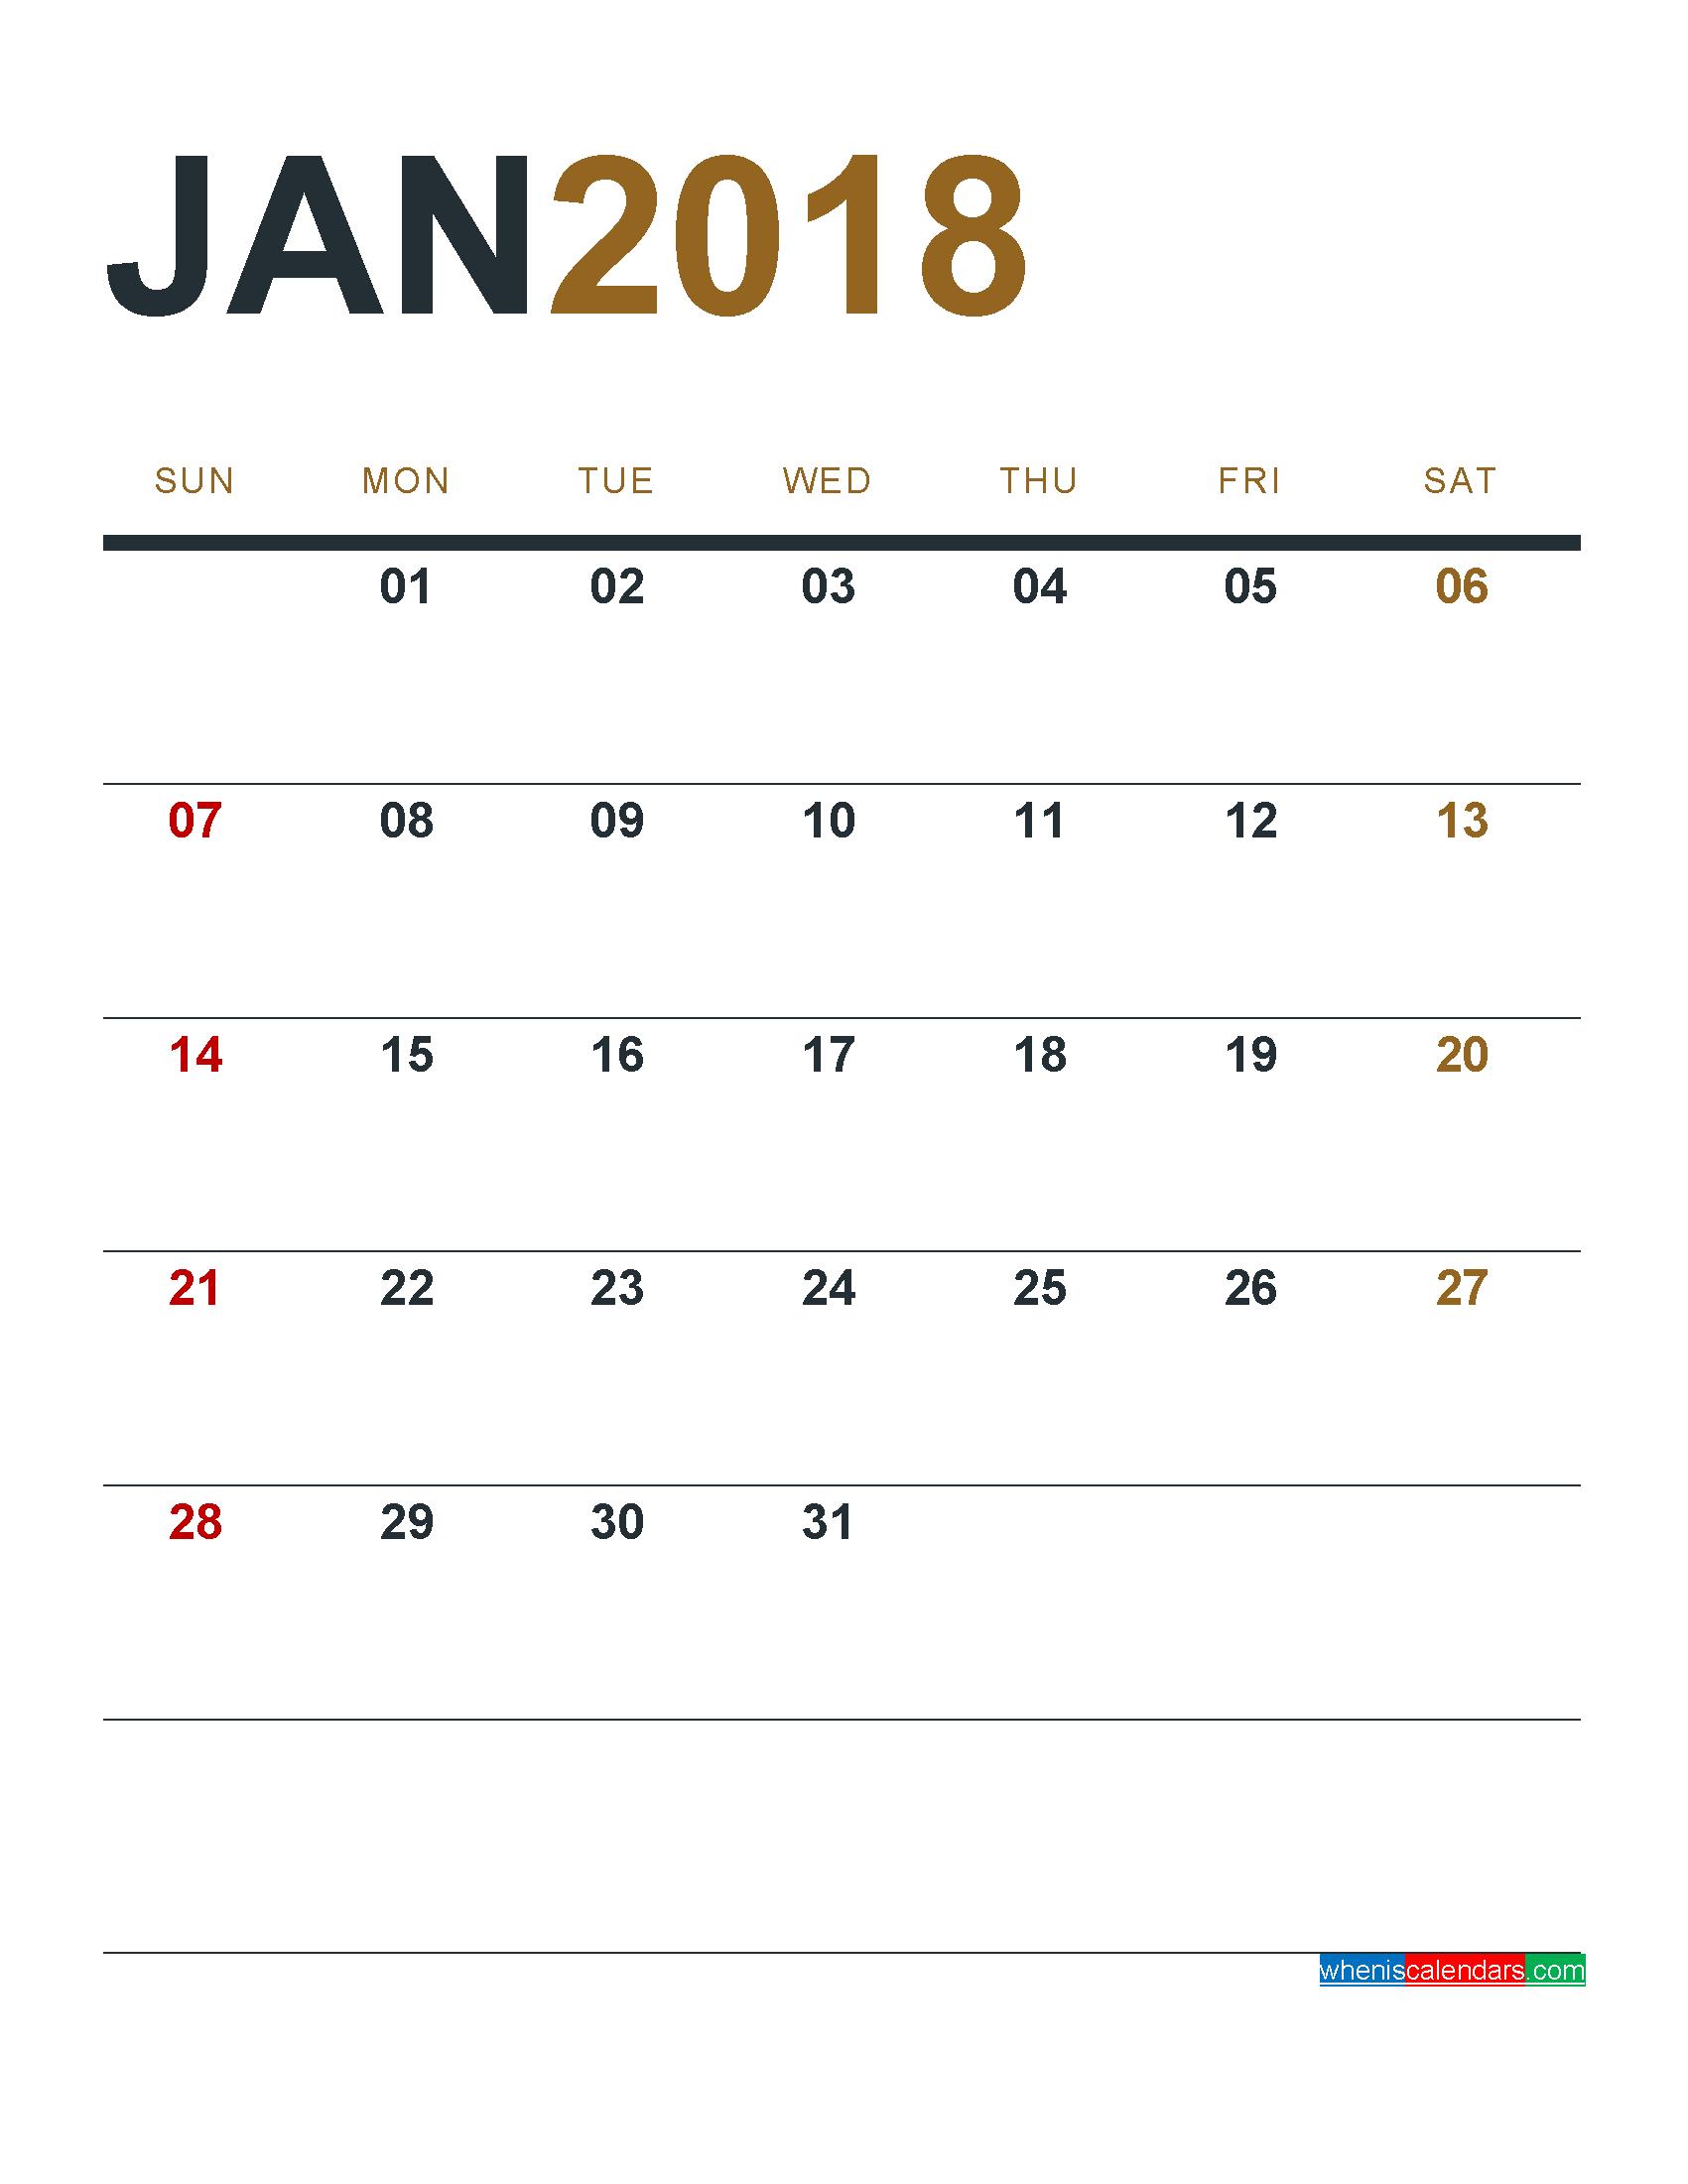 January 2018 calendar 3.png